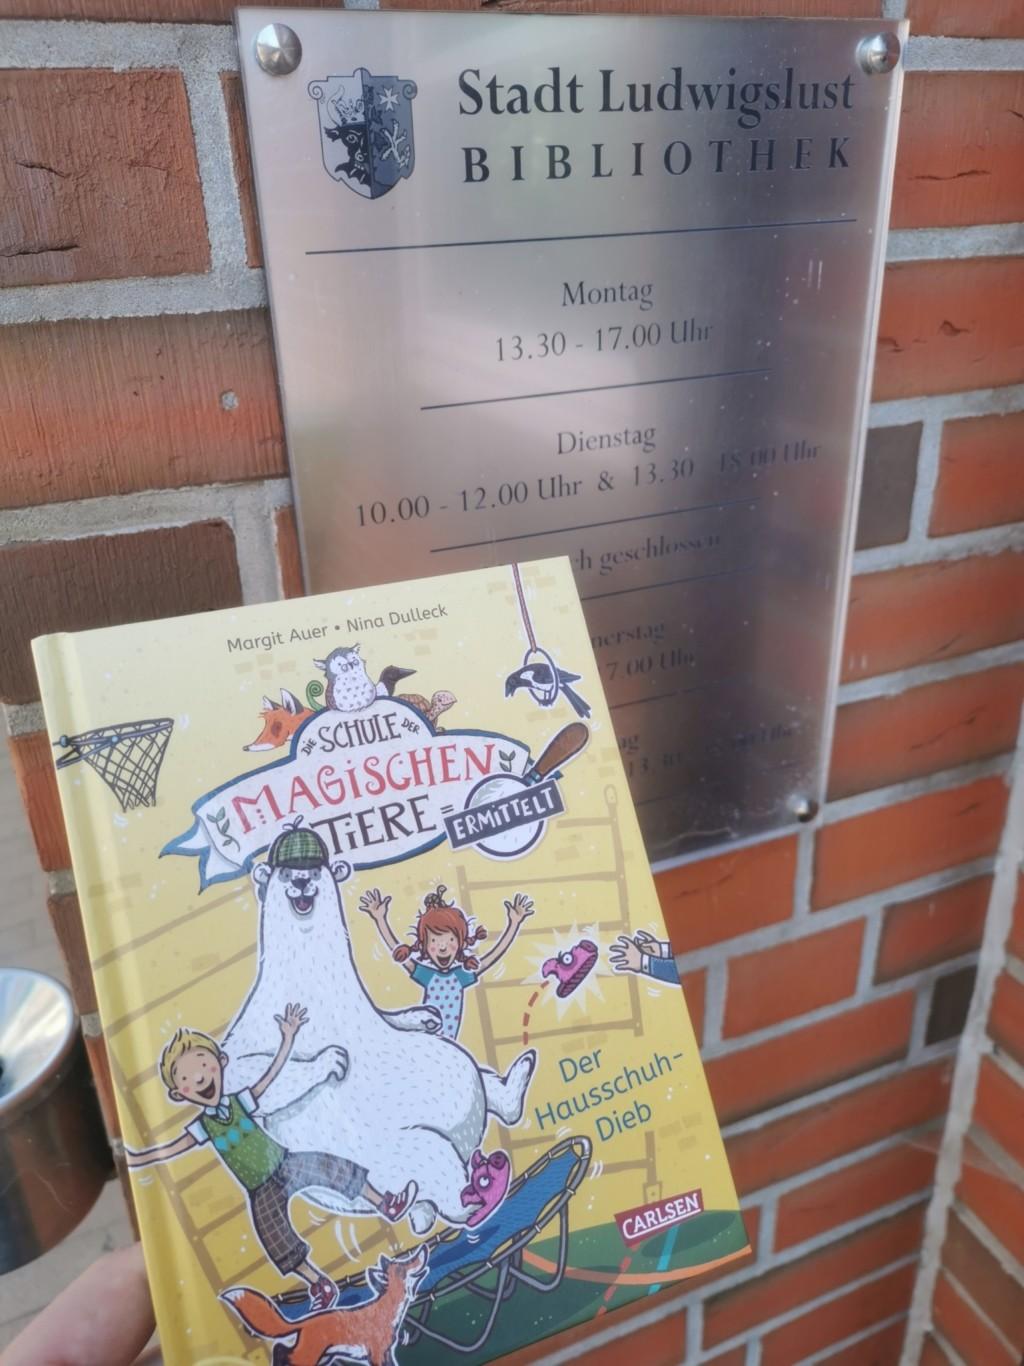 """Das gespendete Buch """"Schule der magischen Tiere-Der Hausschuhdieb wird vor dem Eingangsschild der Bibliothek präsentiert."""